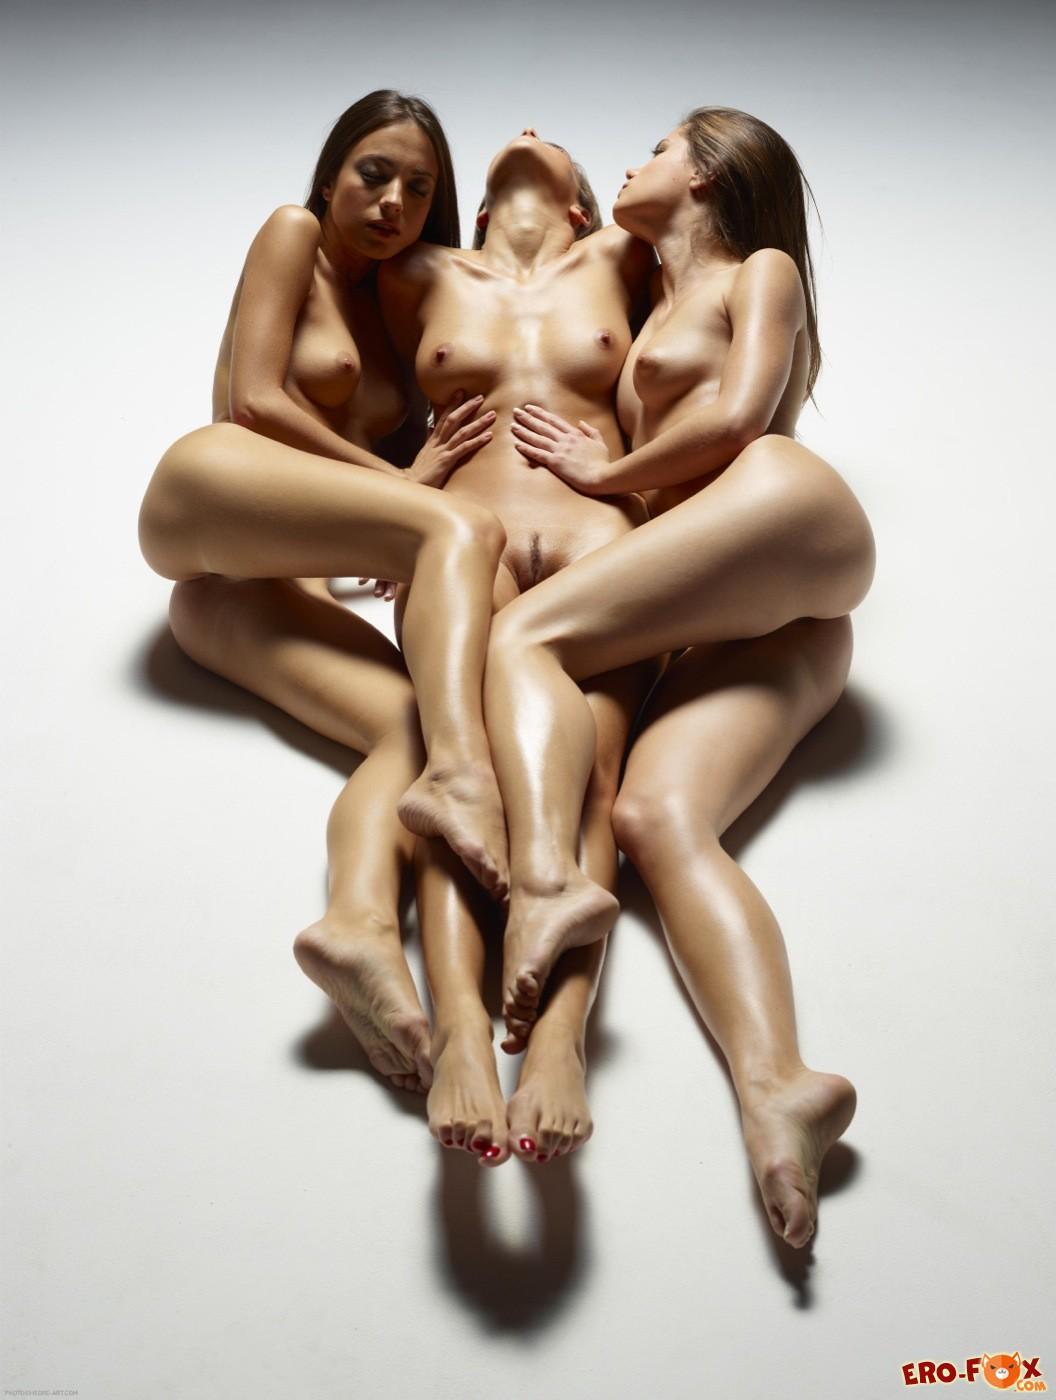 Три голые девушки лежат на полу в обнимку - фото